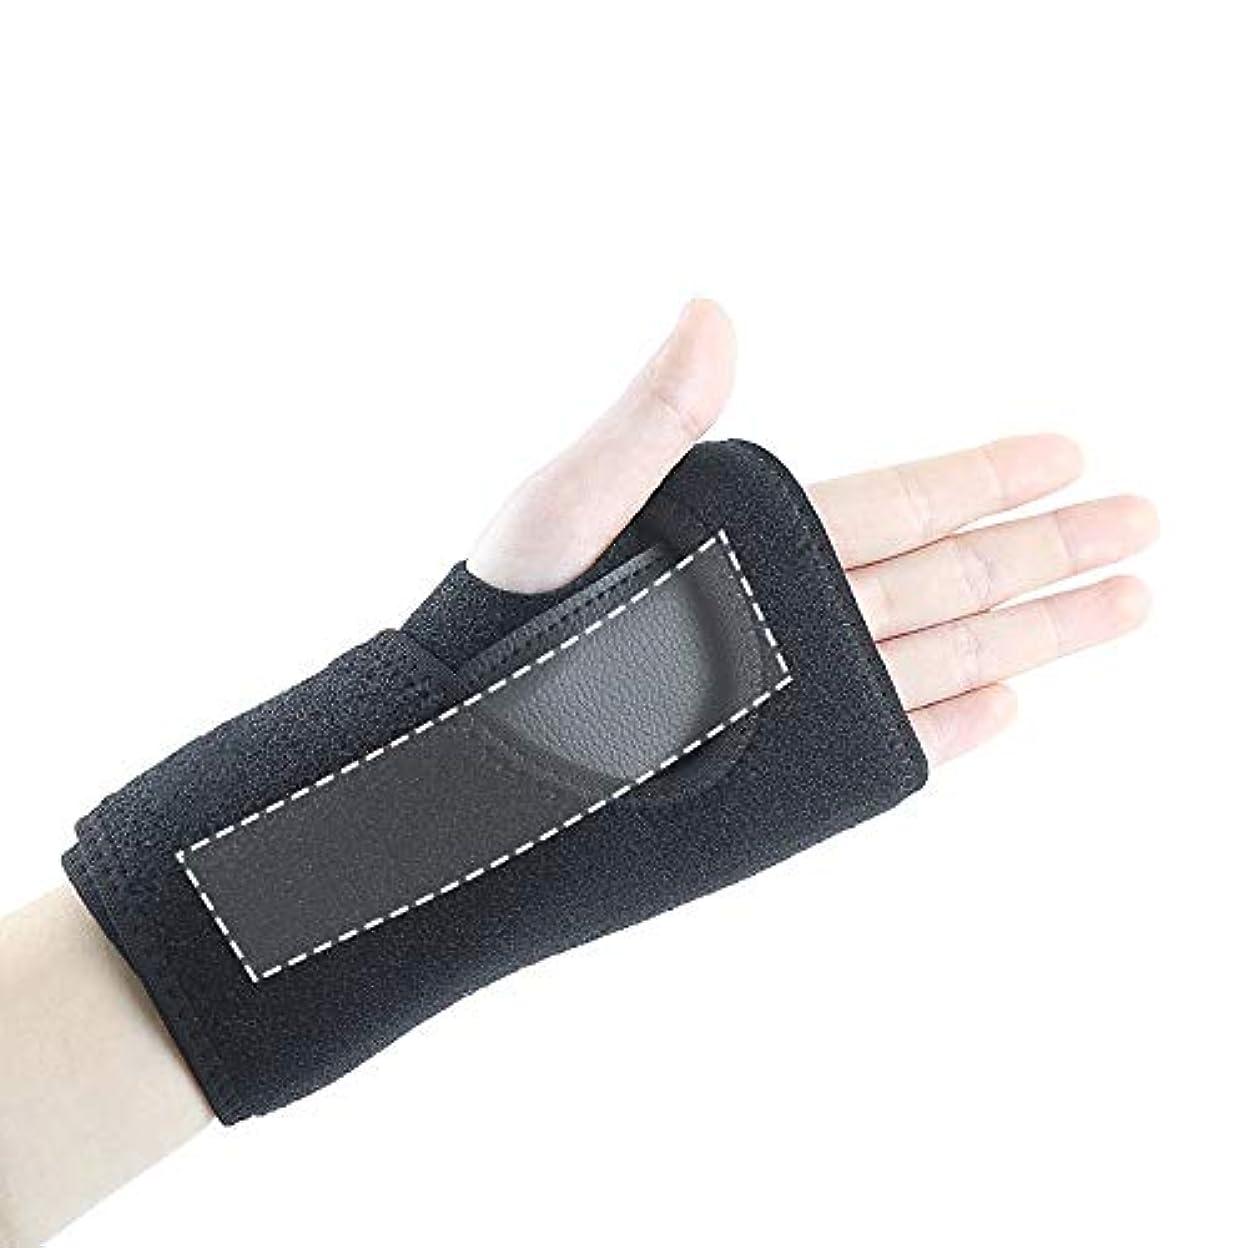 はい悪意発信ZYL-YL スポーツリストバンド捻挫手首固定保護具スプリントサポートパームハンドマウスの手のサポートハンドスプリント (Edition : Left)